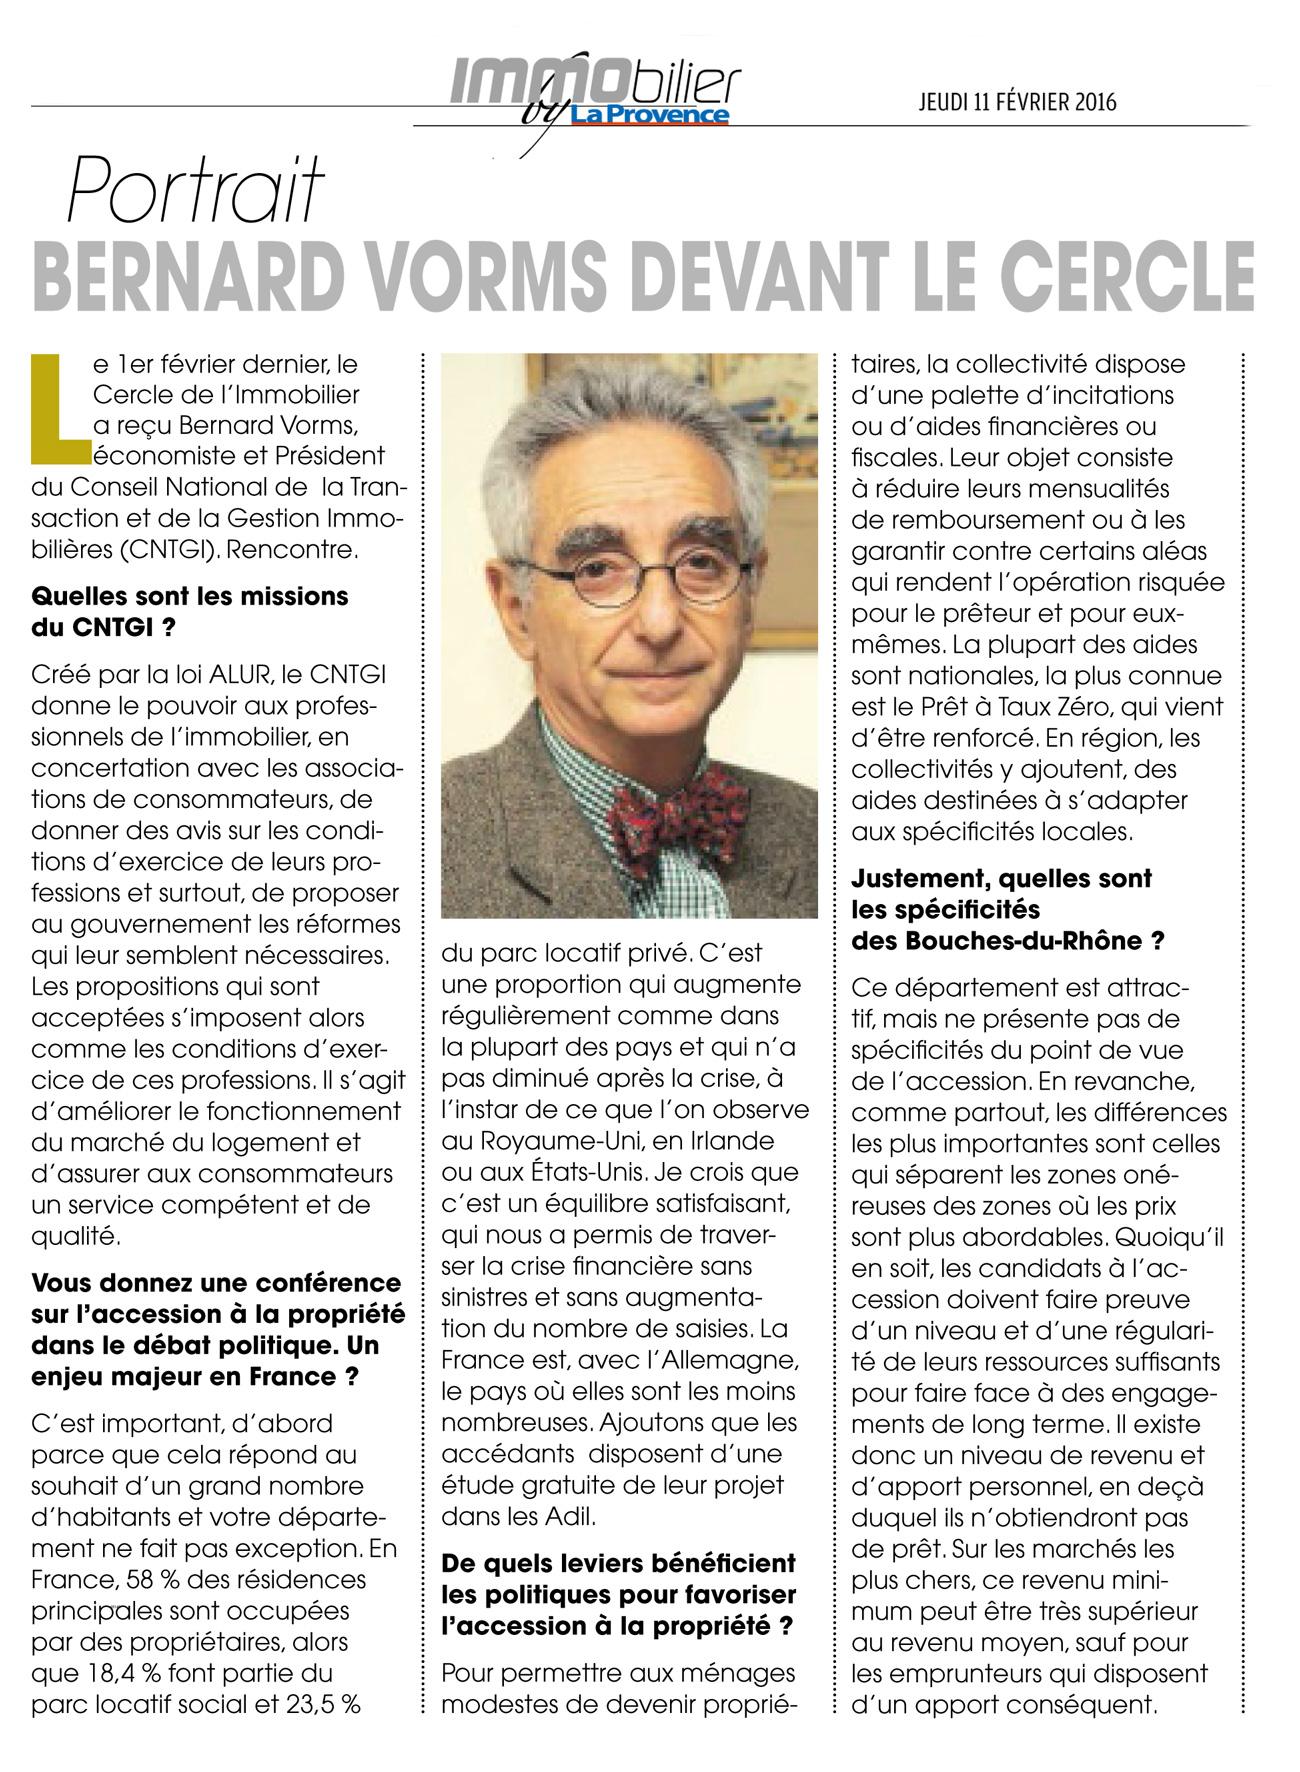 Article-La-Provence_Vorms